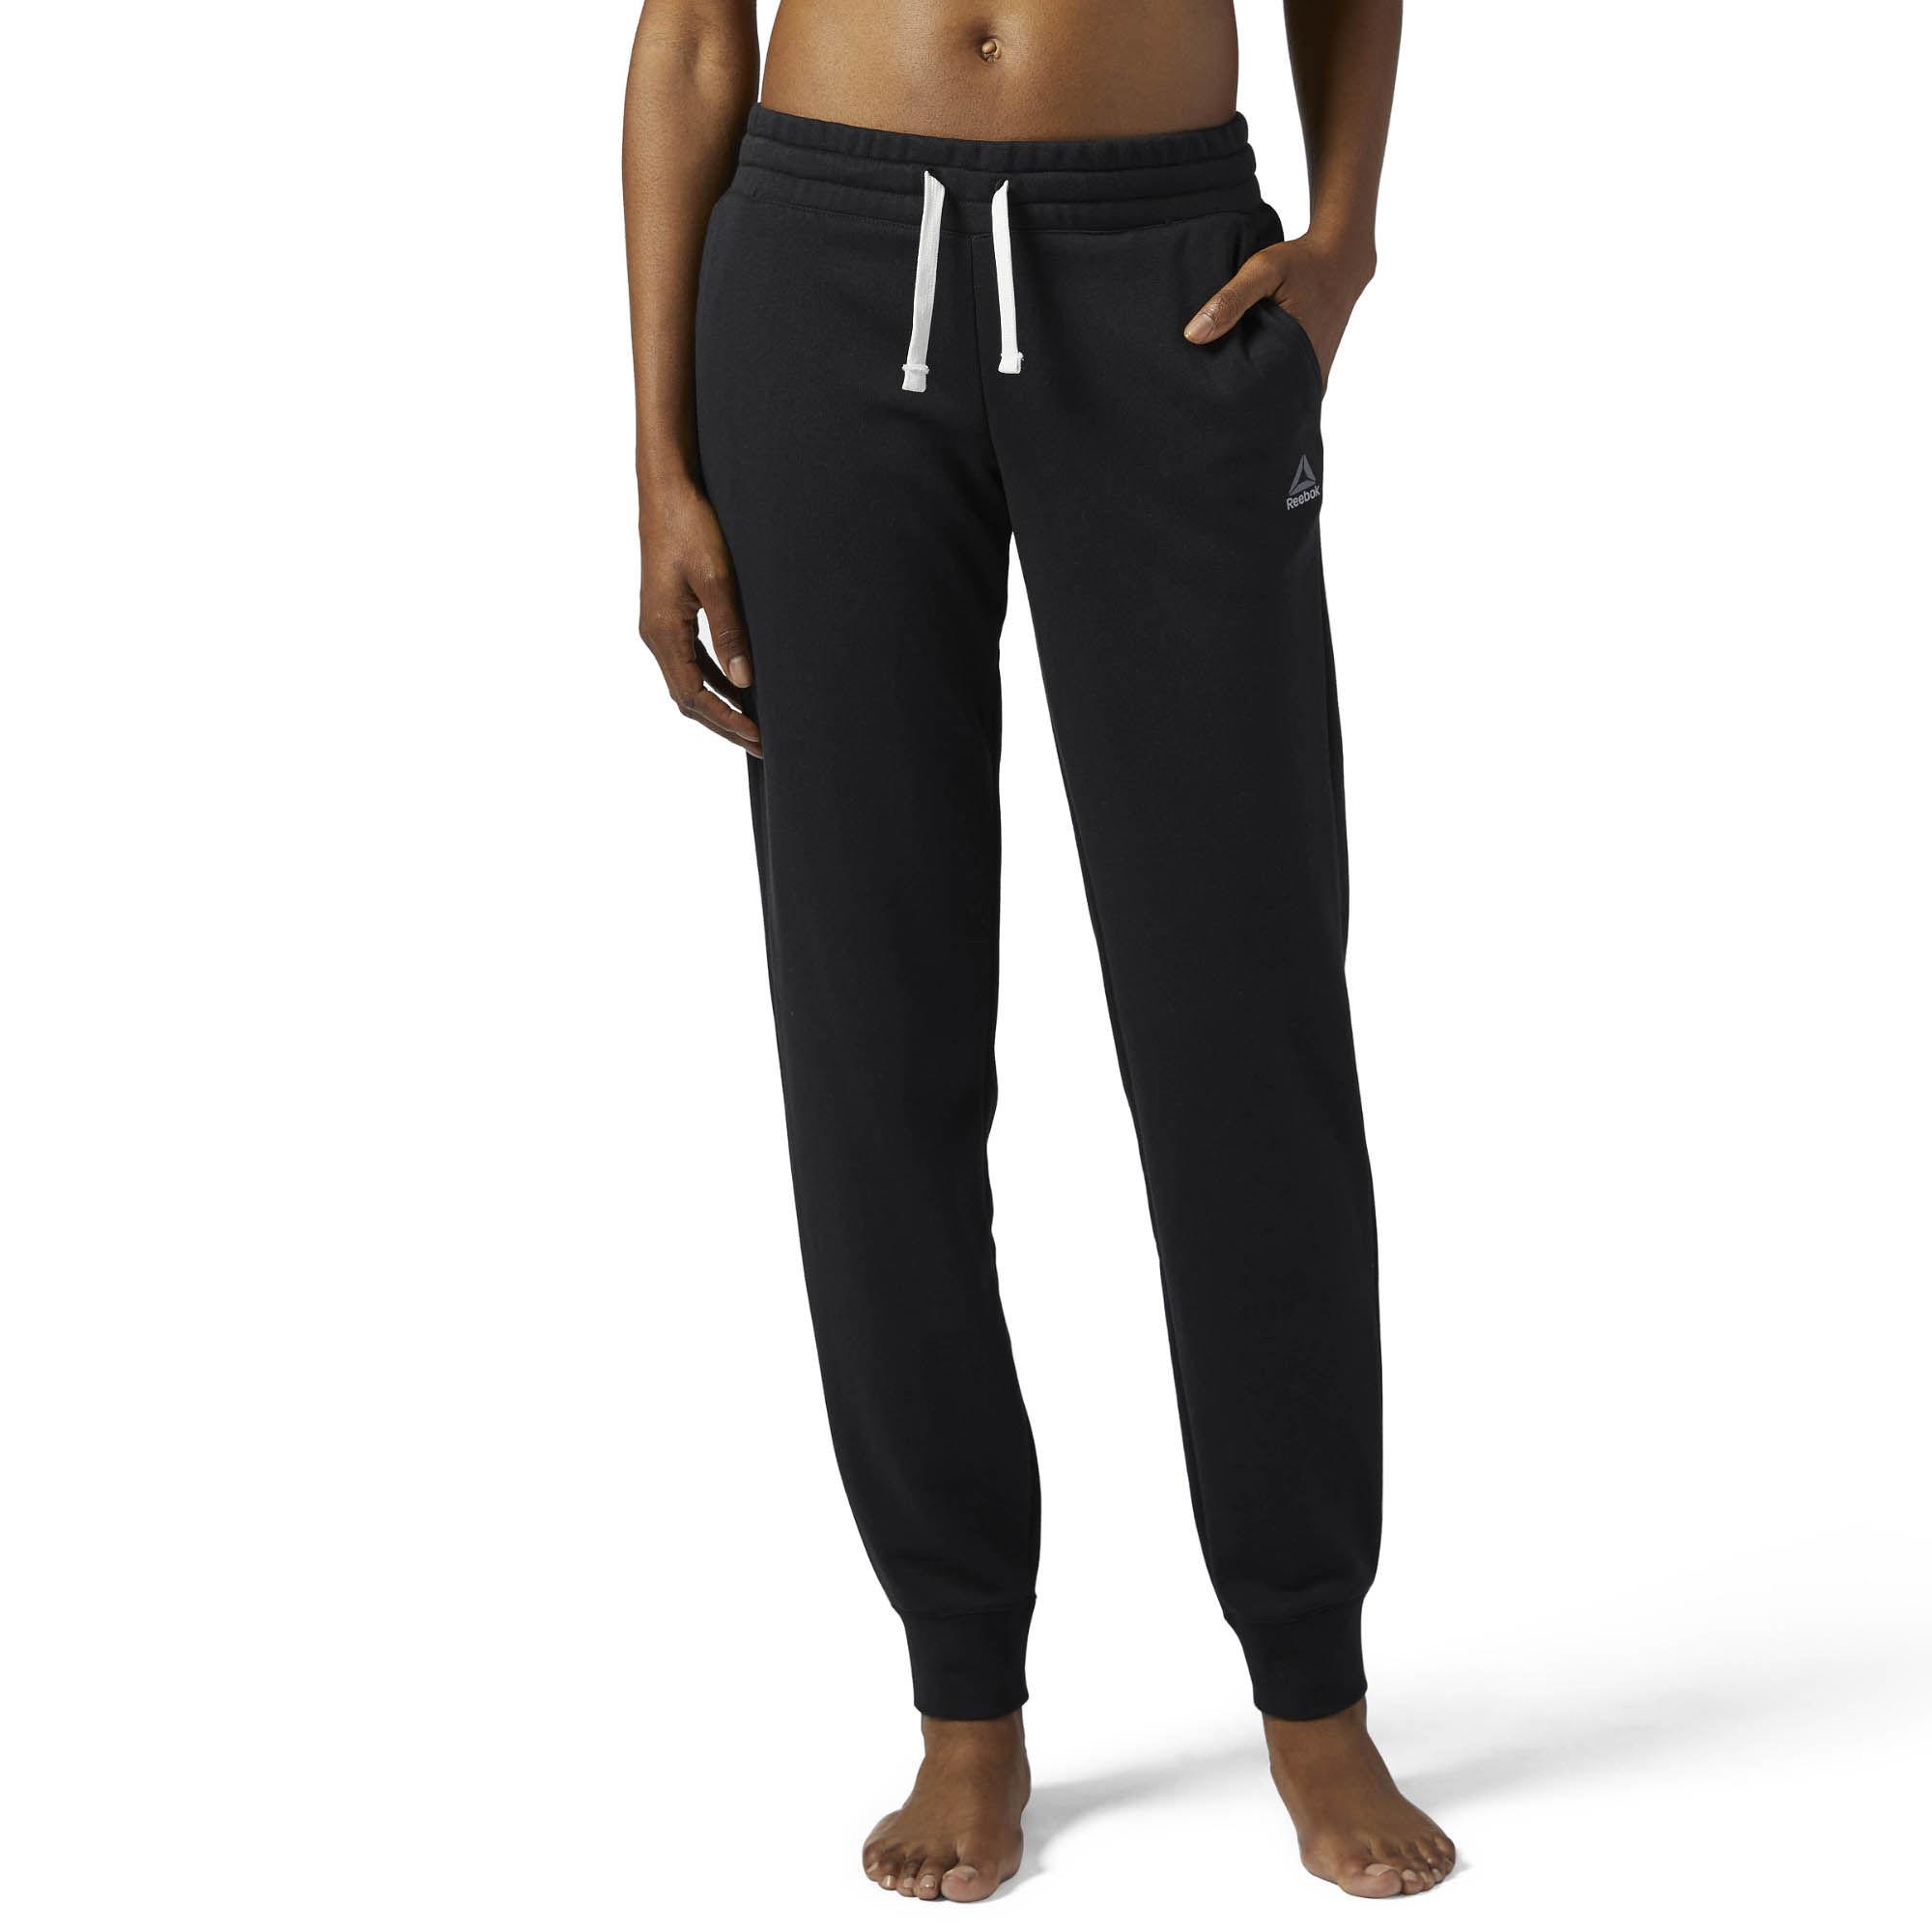 Брюки спортивные женские Reebok El French Terry Pan, цвет: черный. BS4095. Размер M (46/48)